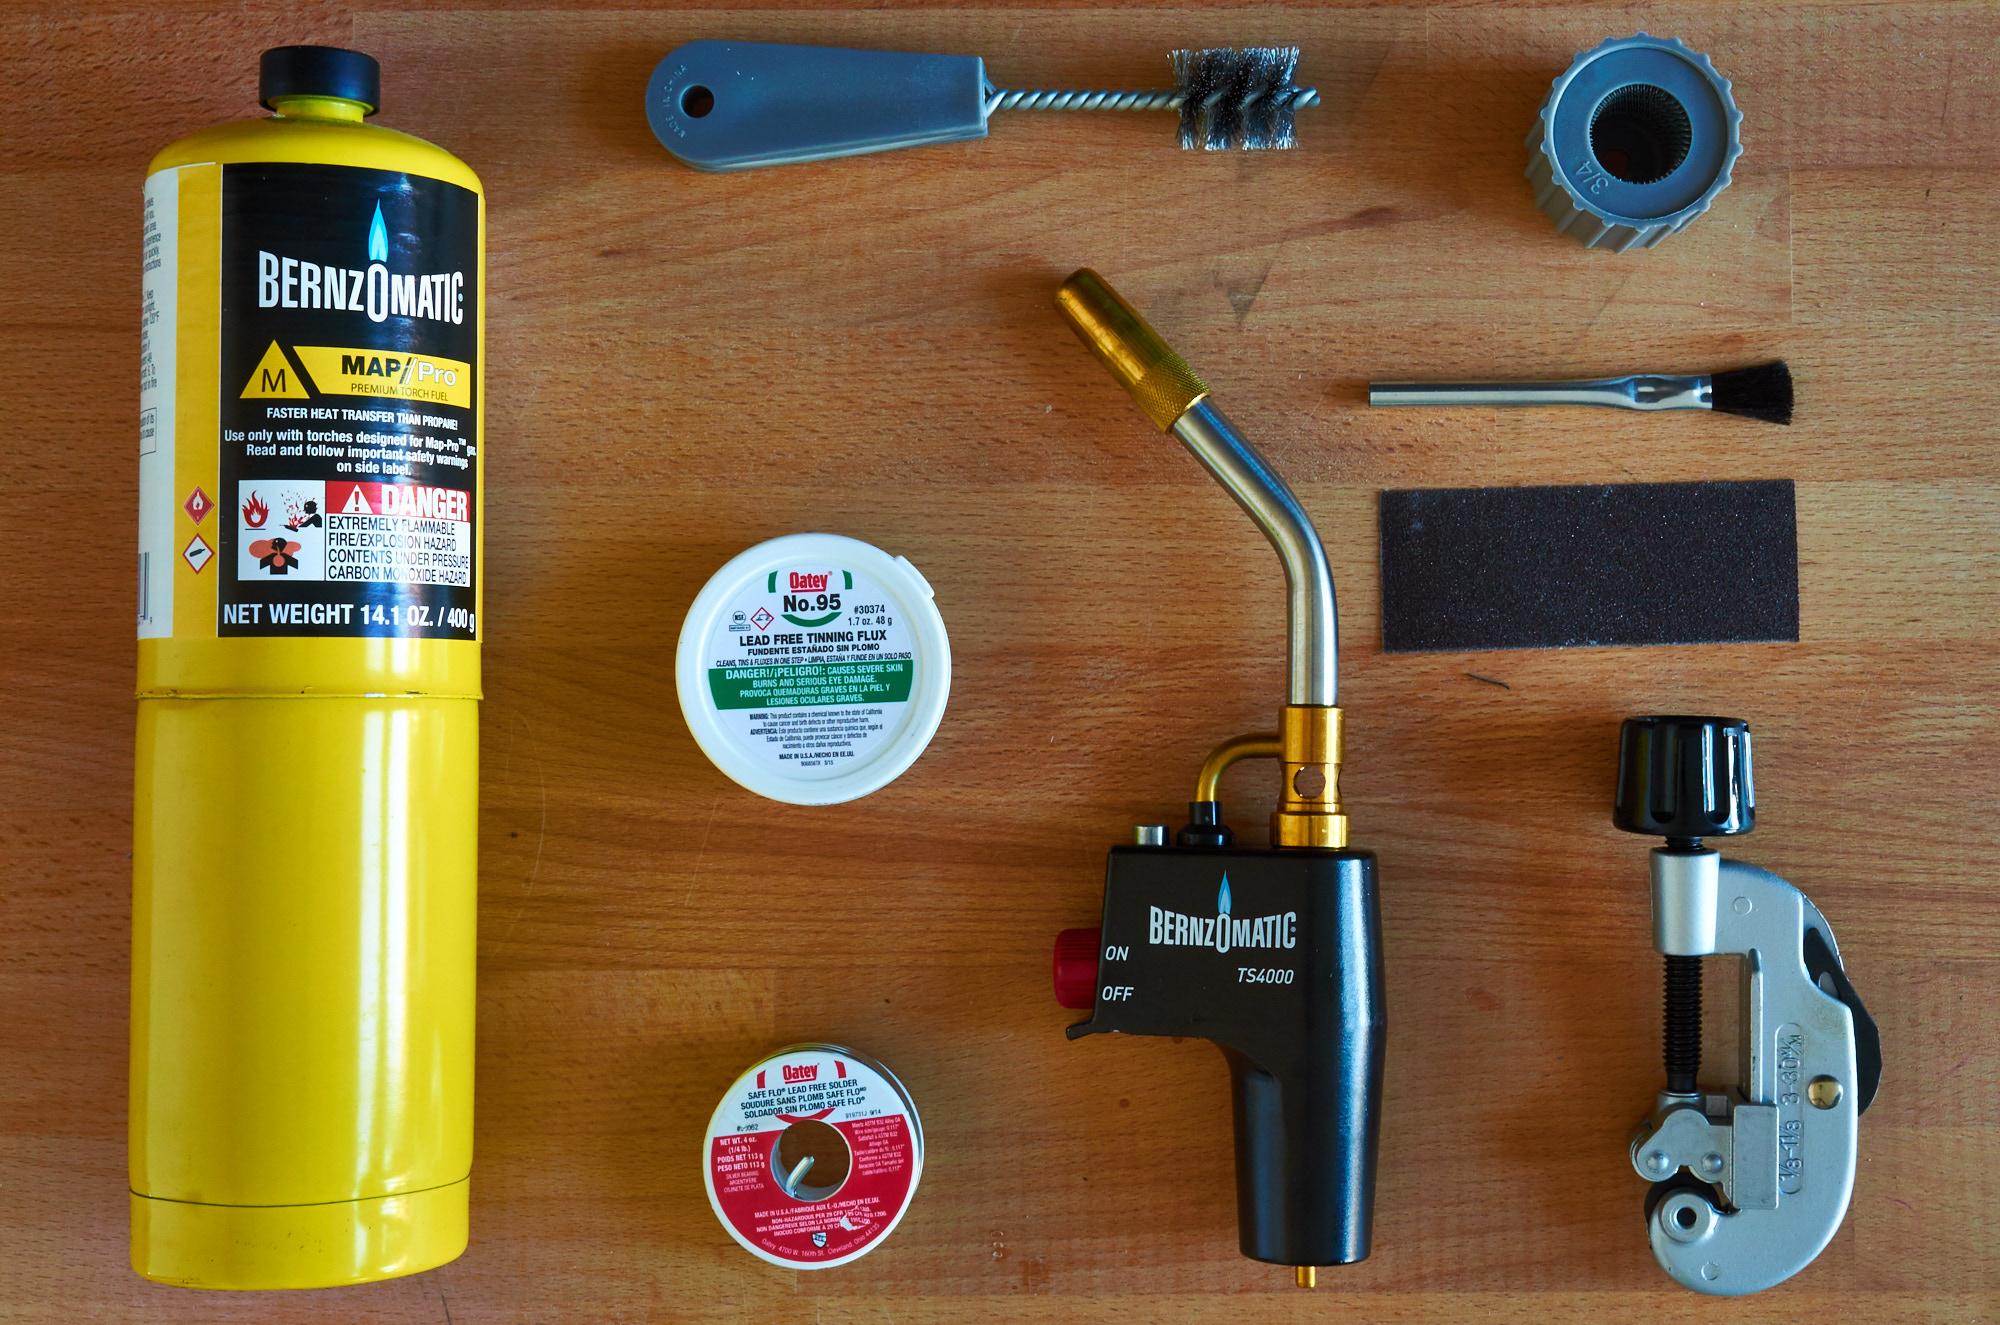 Http%3a%2f%2fassets.manmadediy.com%2fphotos%2f29746%2fcopper pipe solder2424original